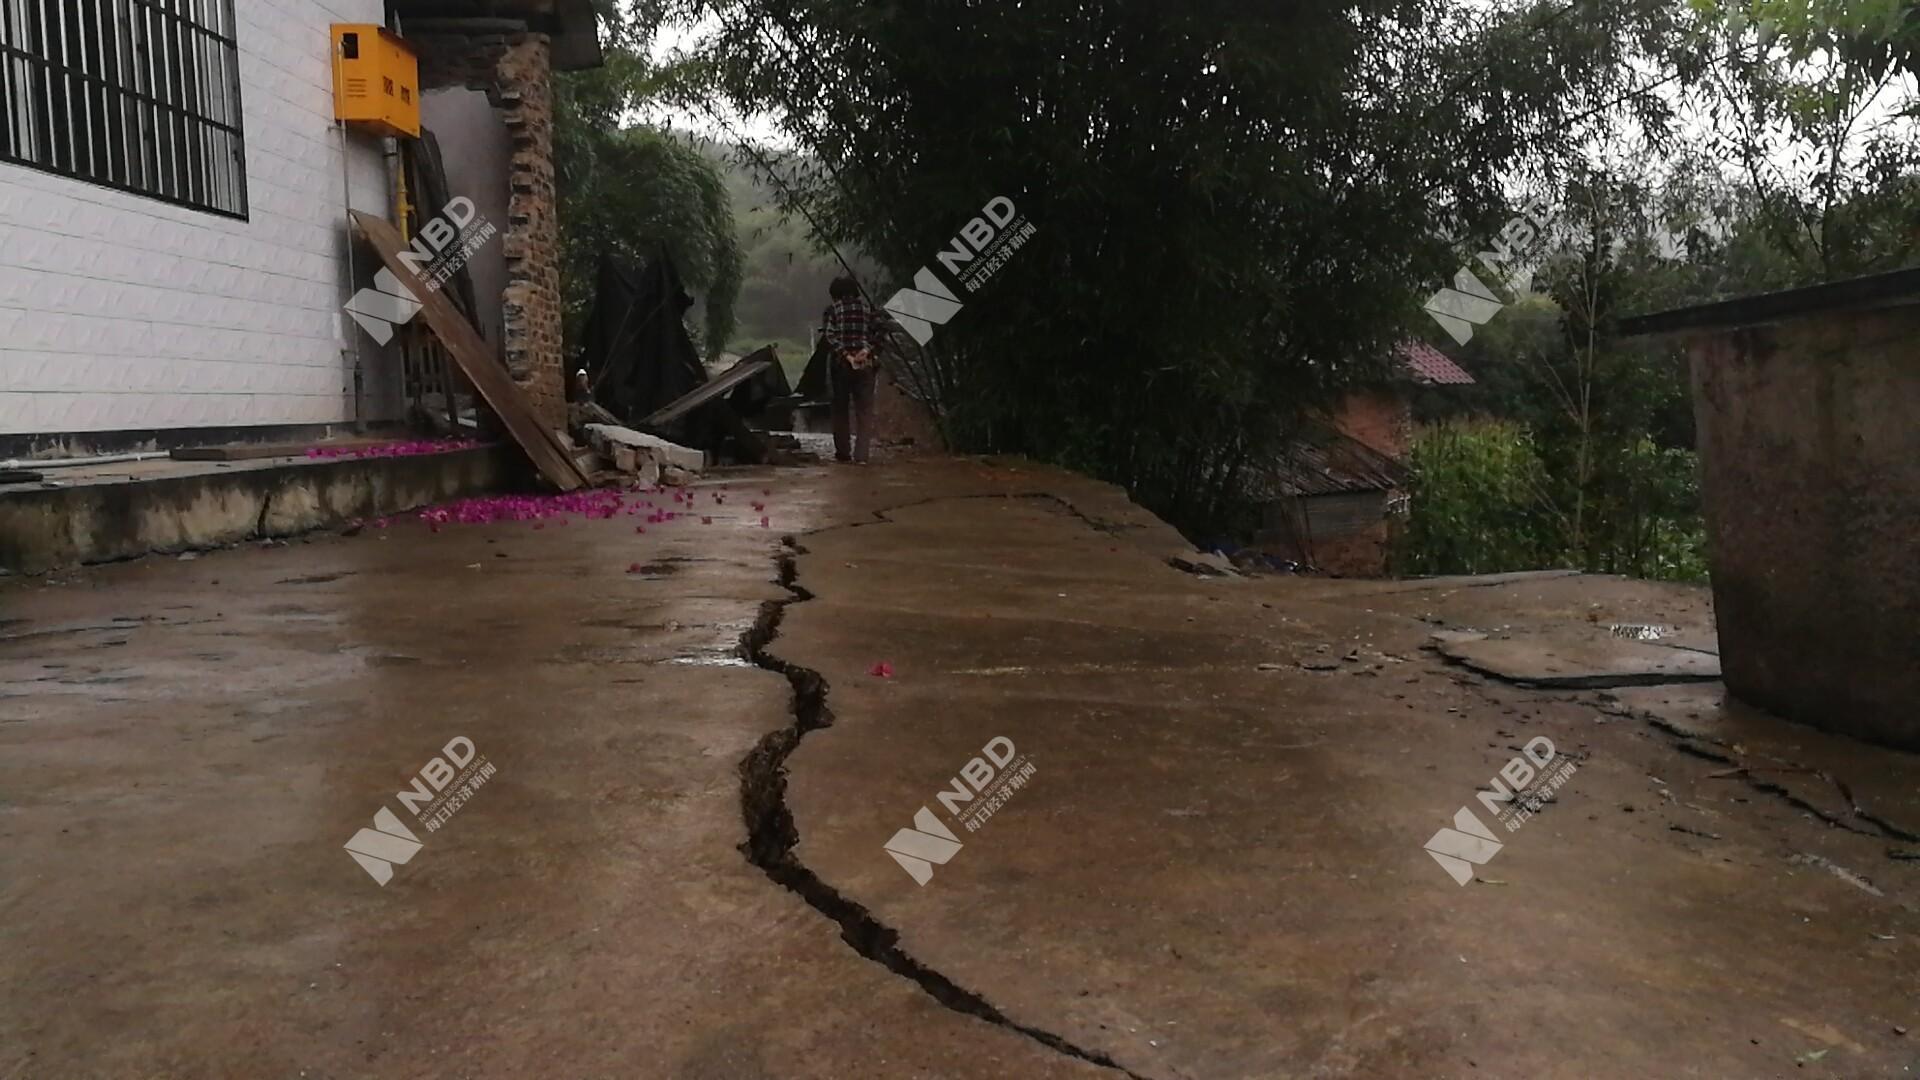 四川对水利工程进行查险、排险 工作组赶赴震区指导工作